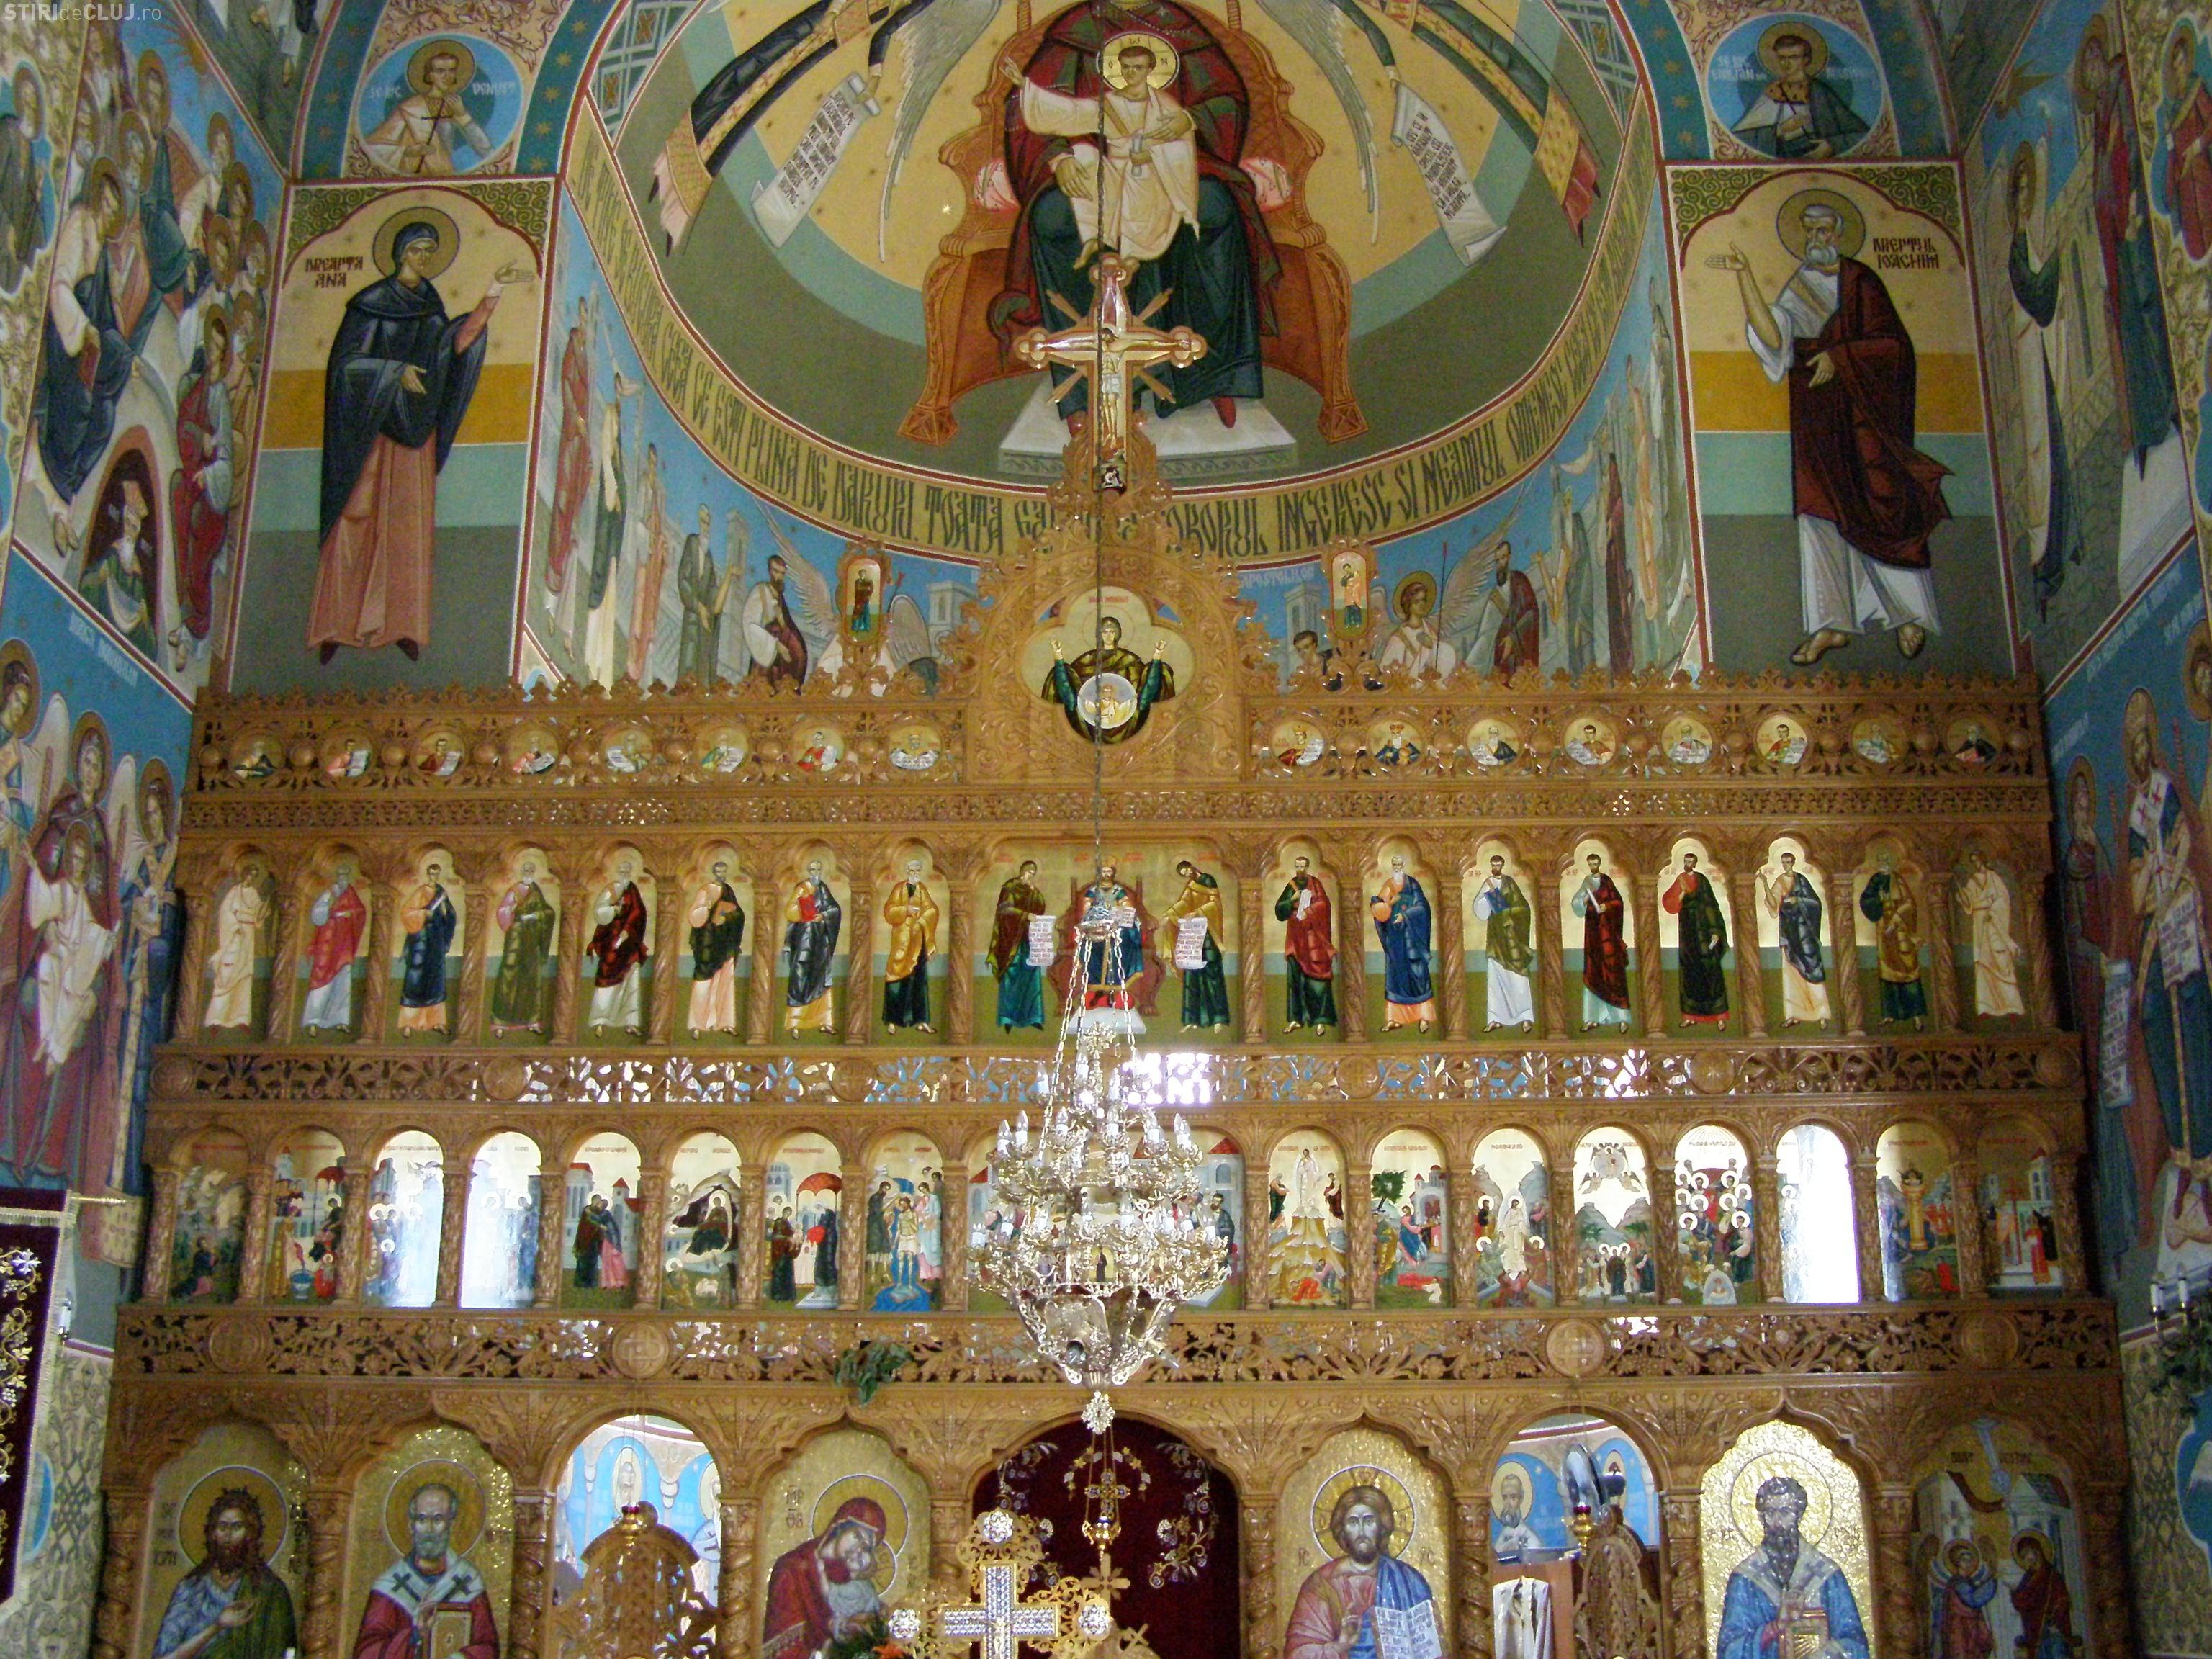 Ce mare sărbătoare ortodoxă este astăzi